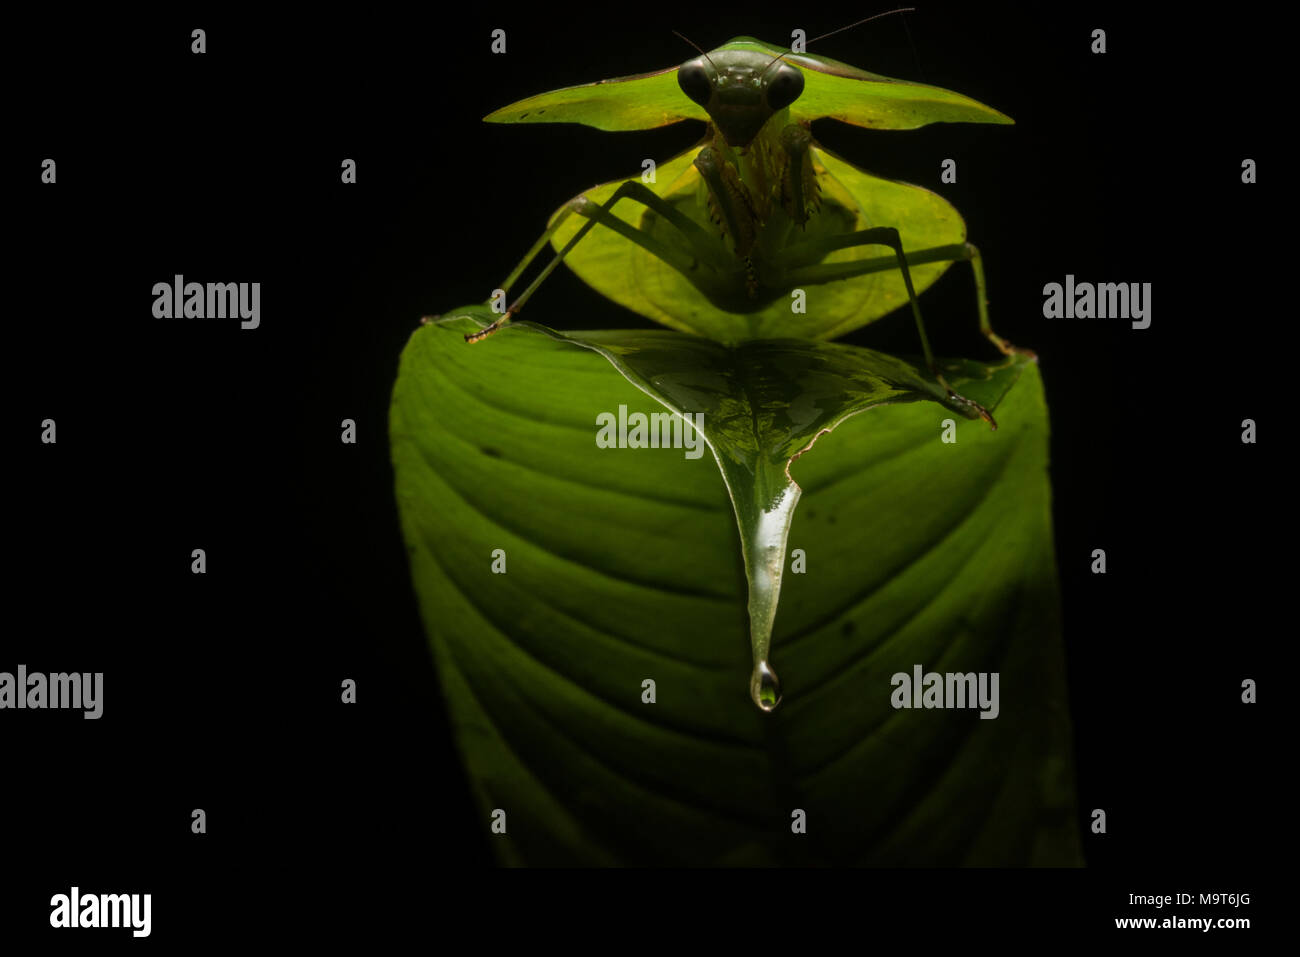 Un peruviano scudo mantis si siede su una foglia nella giungla, utilizzando un flash esterno ottiene un fantastico effetto di retroilluminazione che ha reso il mantis più drammatico Immagini Stock